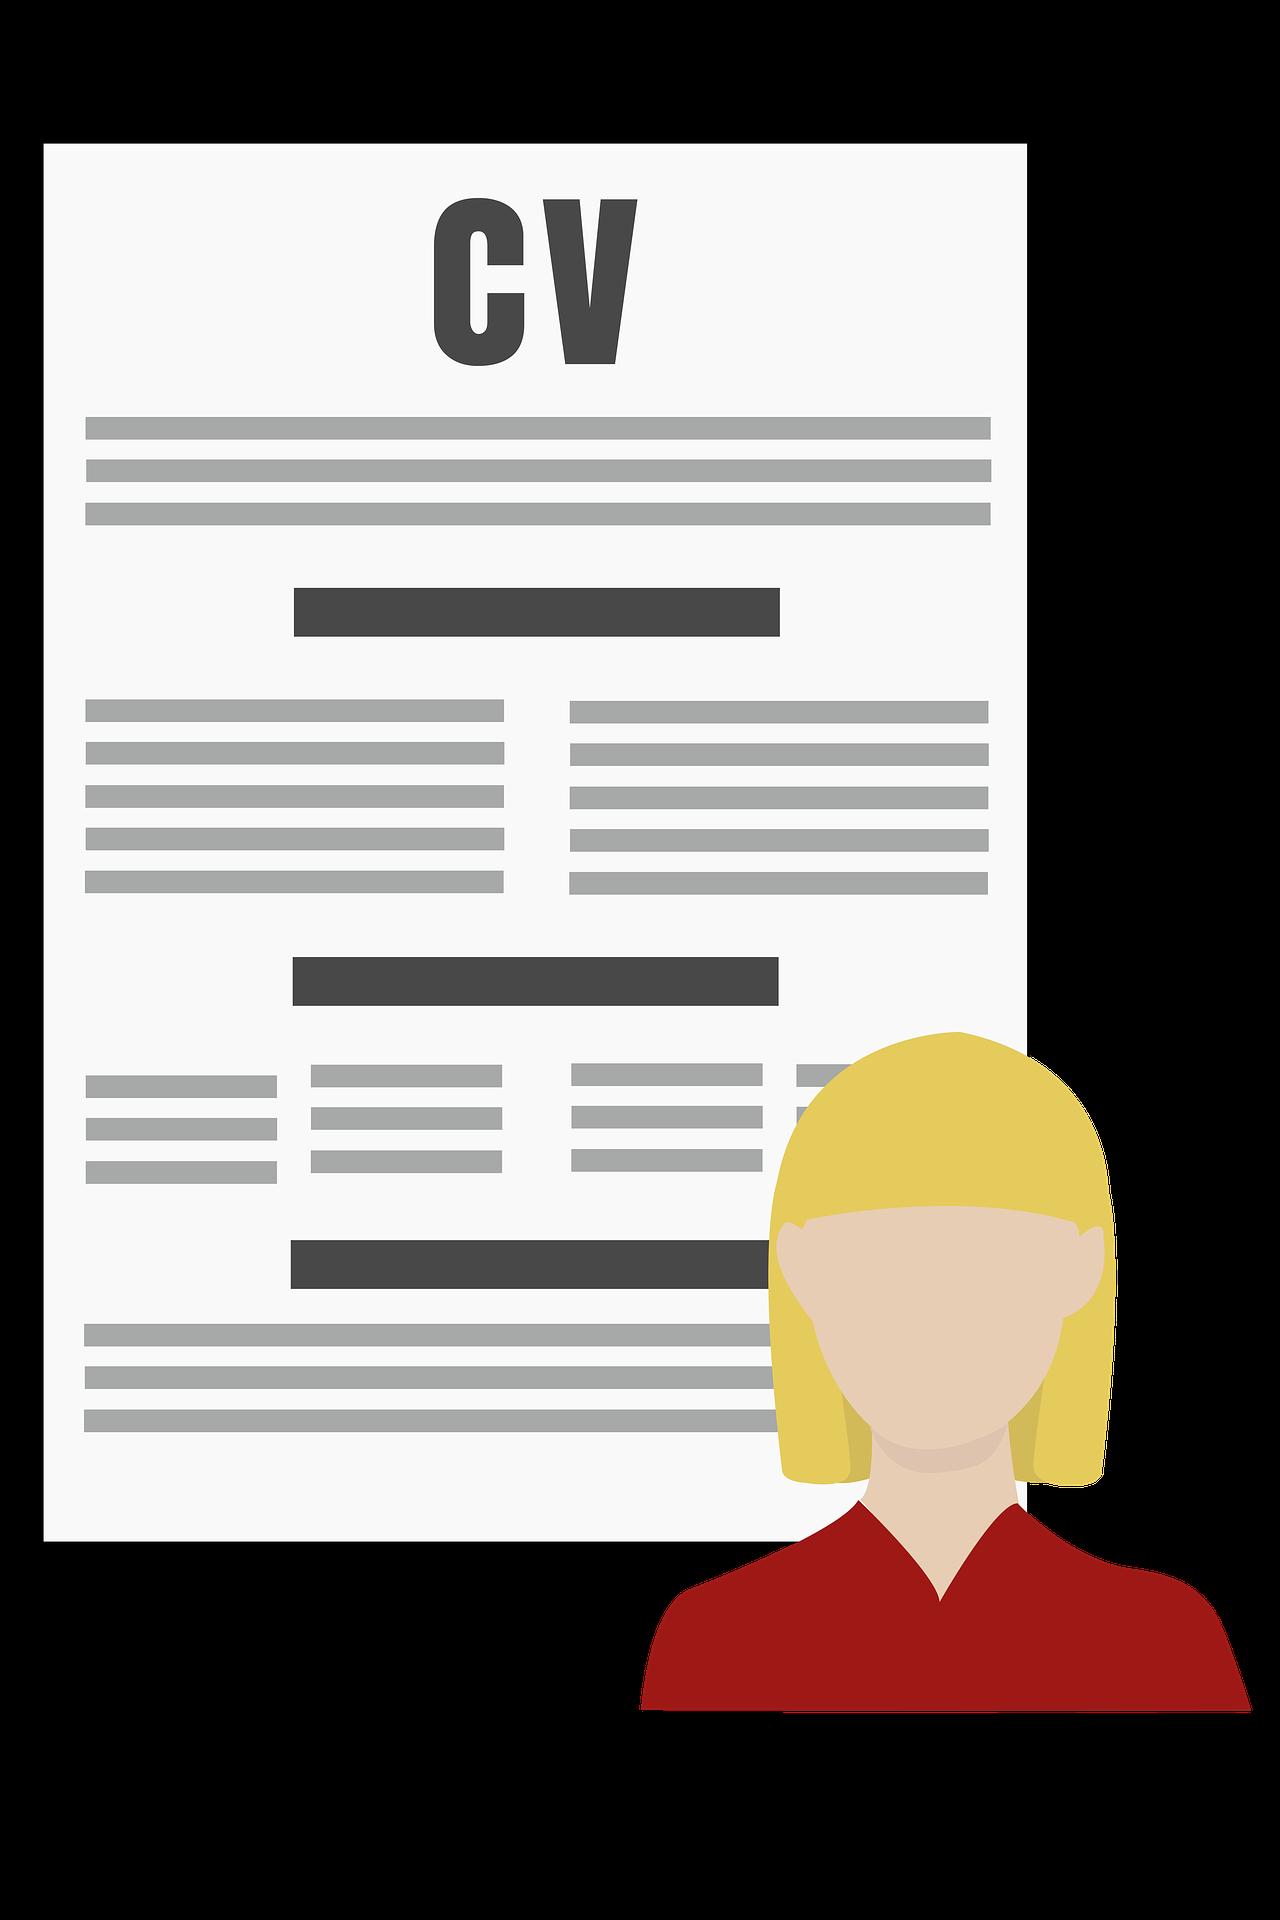 Kanskje ikke fullt så mye tekst er nødvendig når du bruker nøkkelkvalifikasjoner på CV?